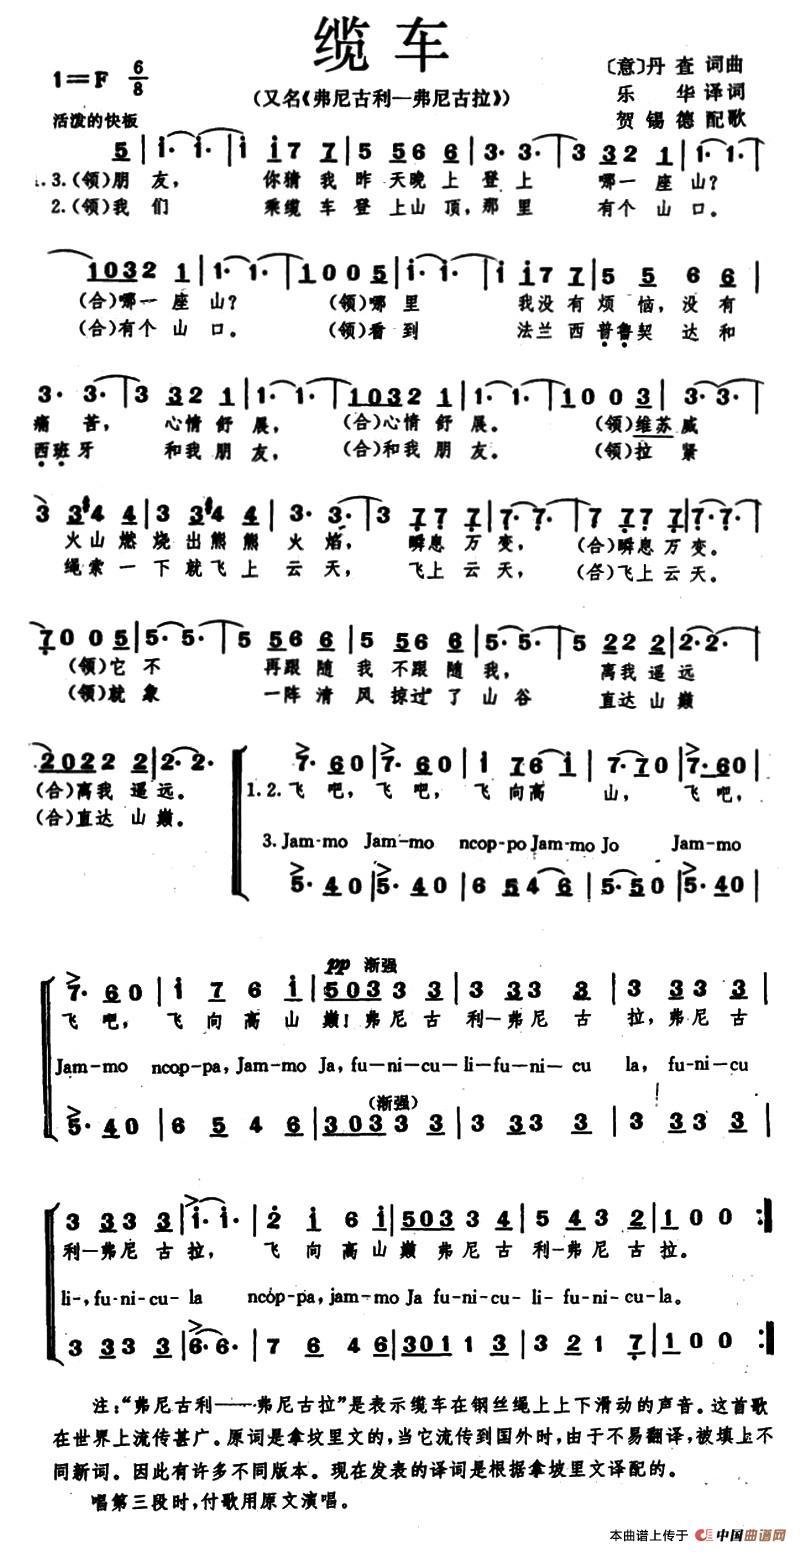 贝加尔湖畔合唱版简谱